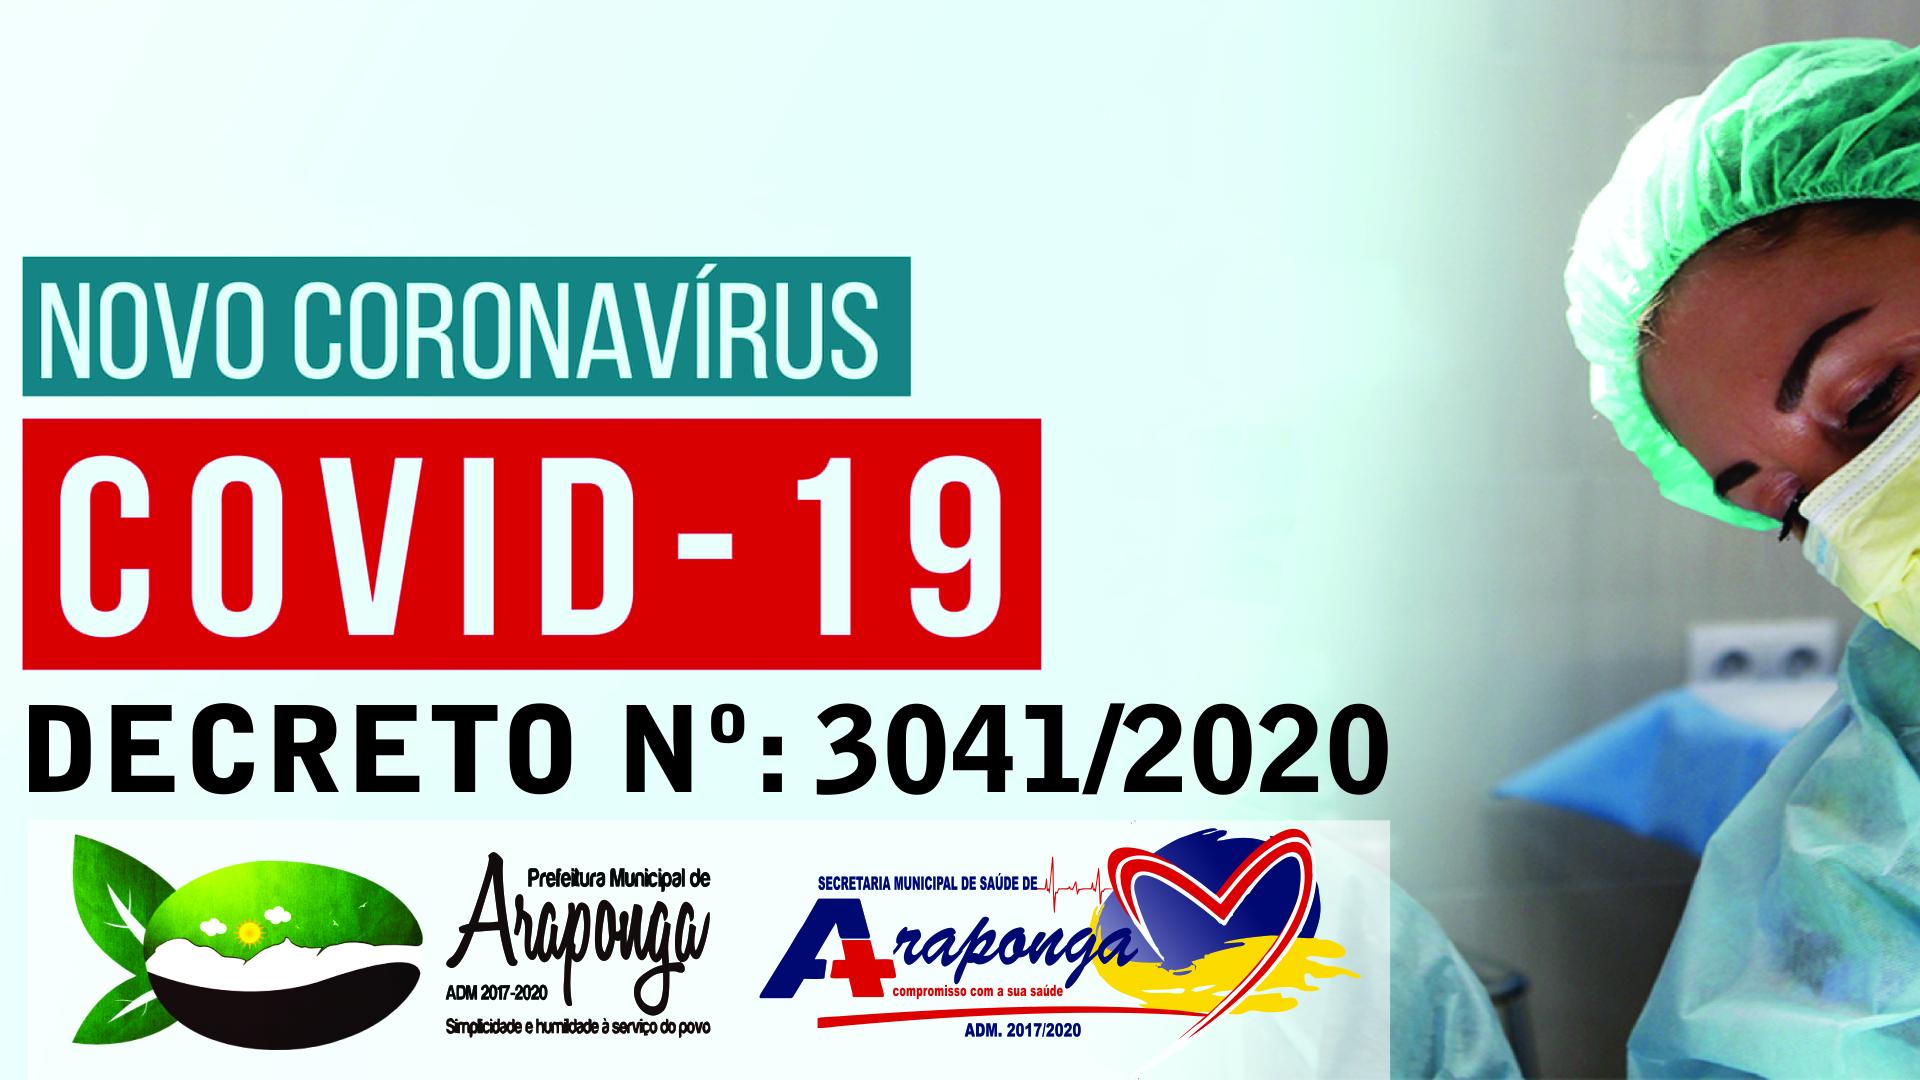 COVID-19: PREFEITURA DE ARAPONGA CRIA DECRETO QUE ESTABELECE BARREIRAS SANITÁRIAS !!!